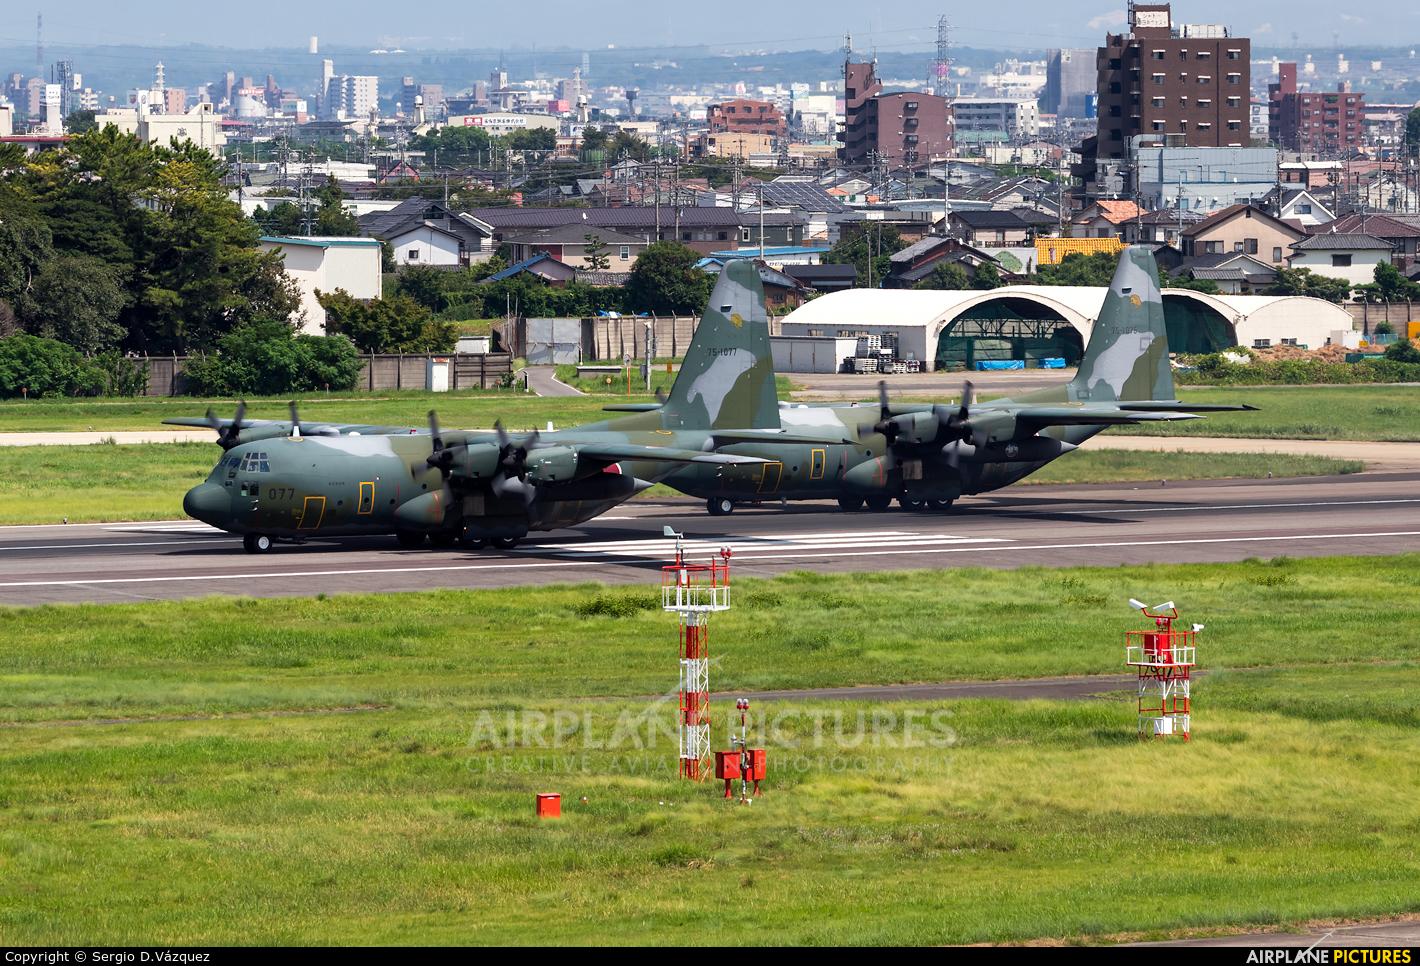 Japan - Air Self Defence Force 75-1077 aircraft at Nagoya - Komaki AB